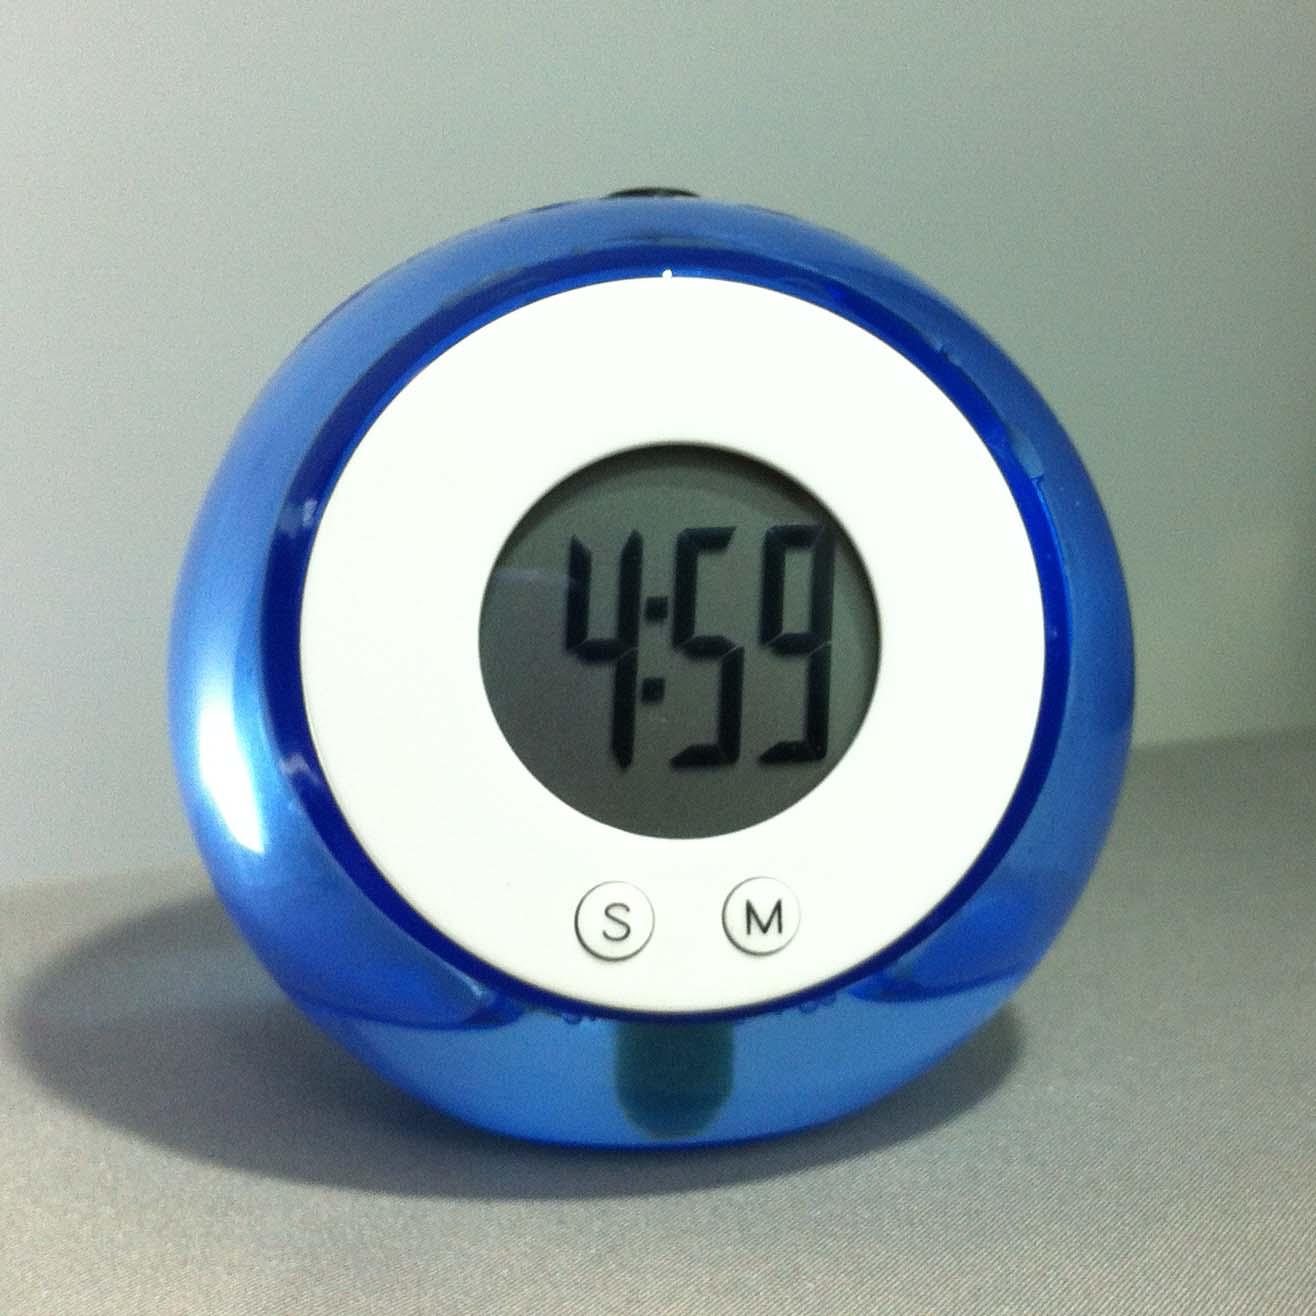 【水電池】球型時鐘